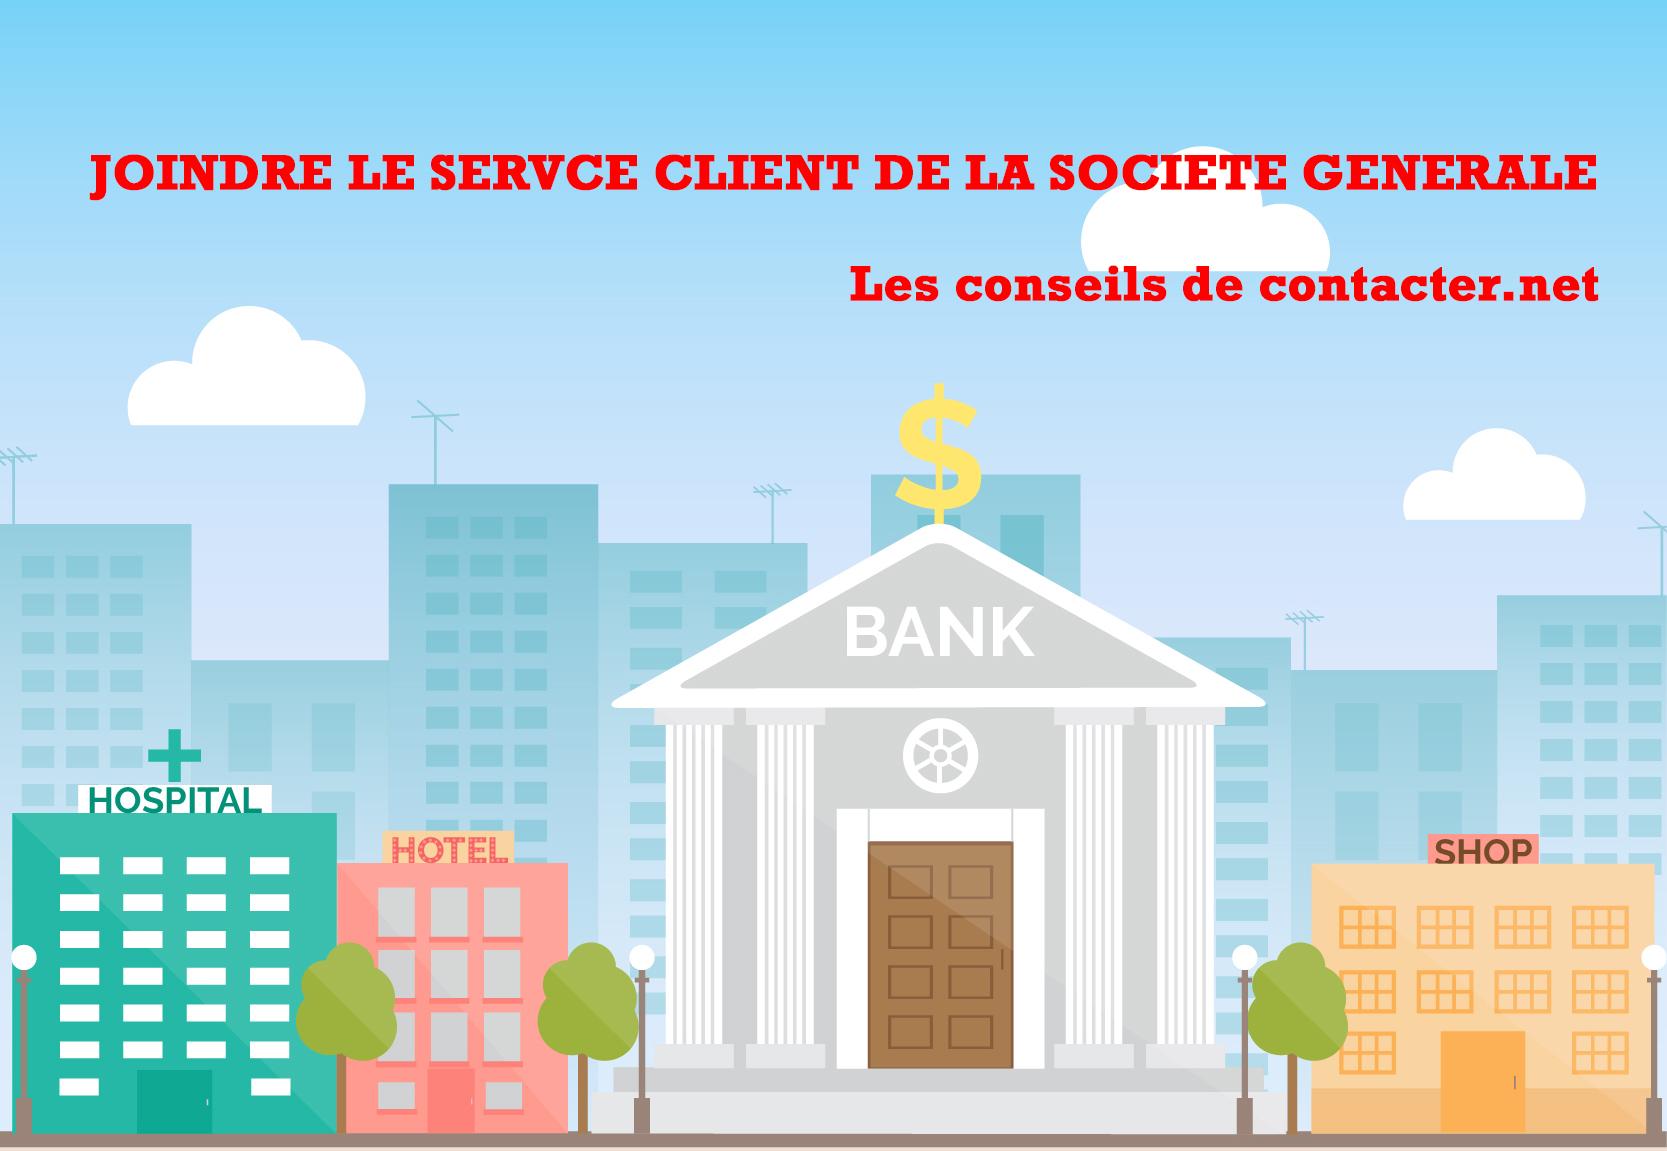 Joindre le service client de la societe generale